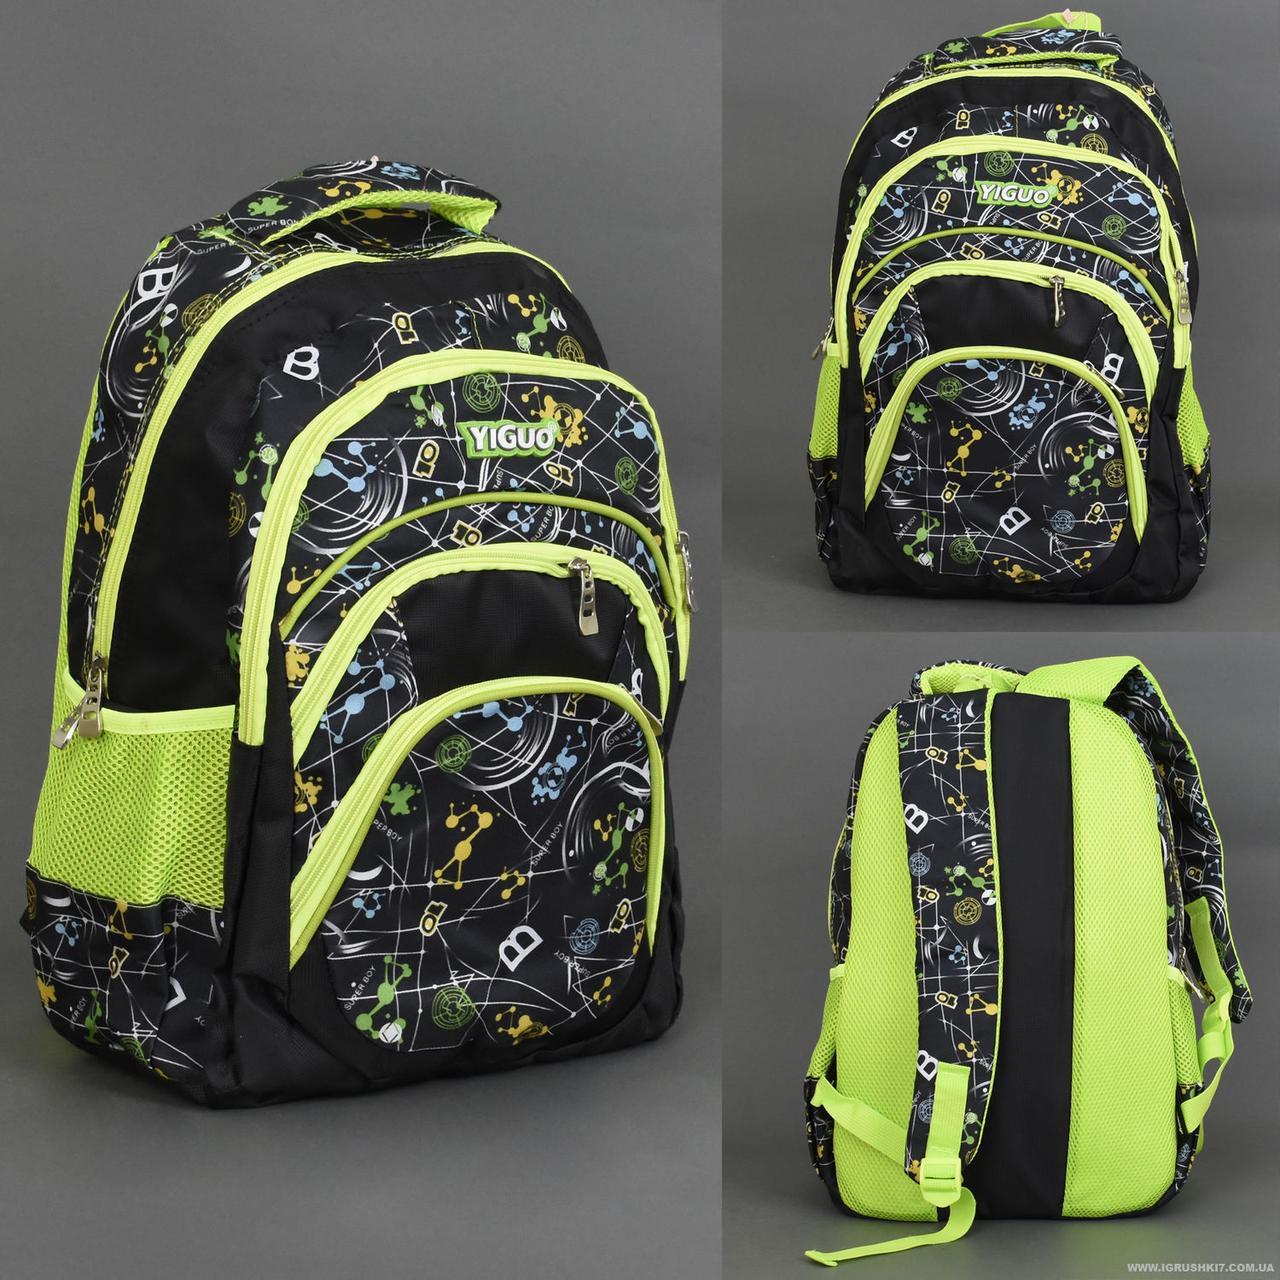 Рюкзак школьный 4 отделения, 2 кармана, спинка ортопедическая 555-481